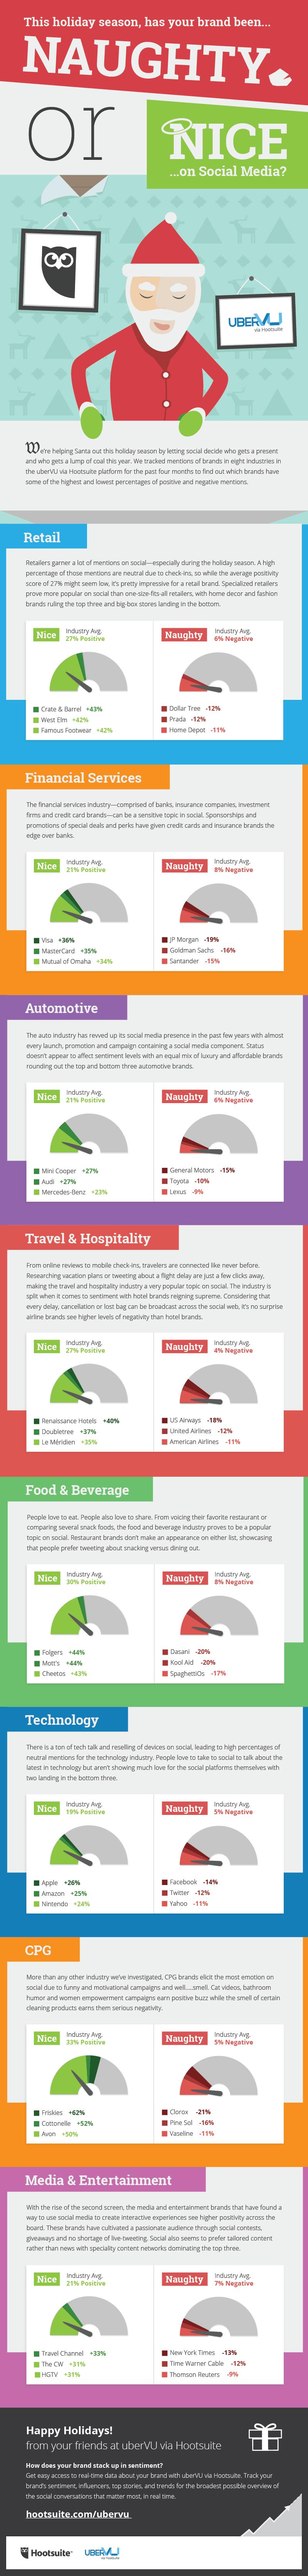 brand social media sentiment infographic